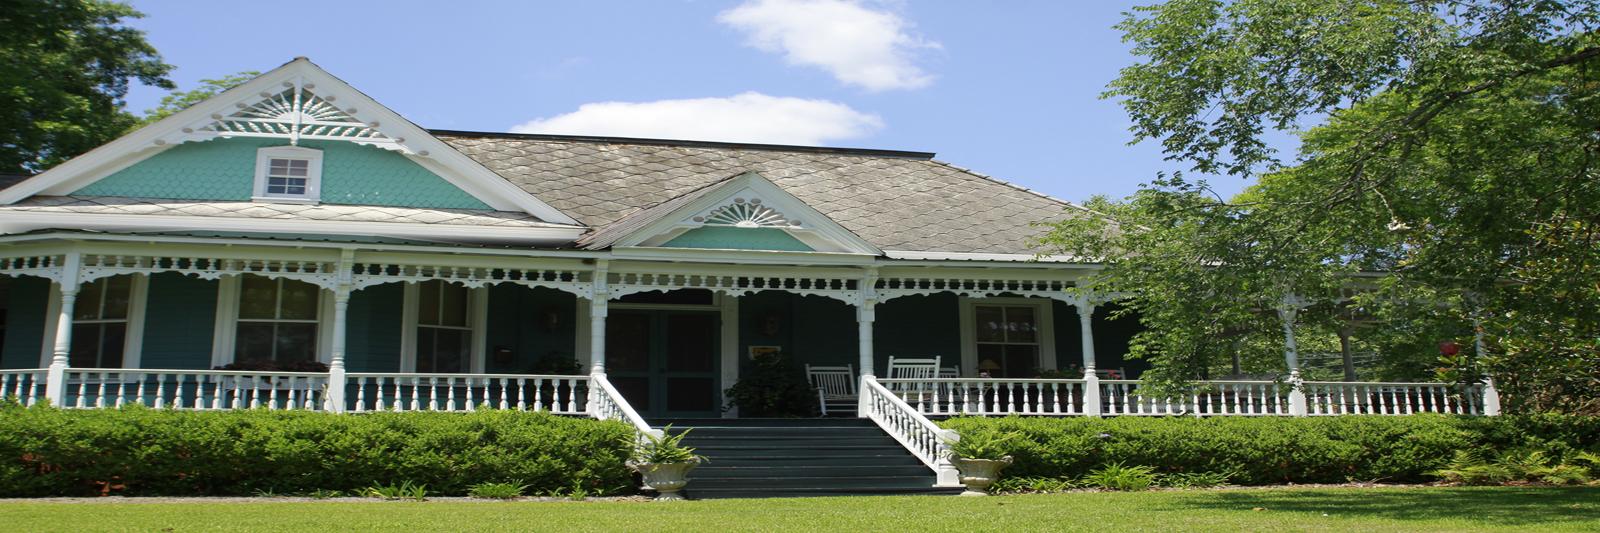 image-resized-hamilton-house-(002).jpg